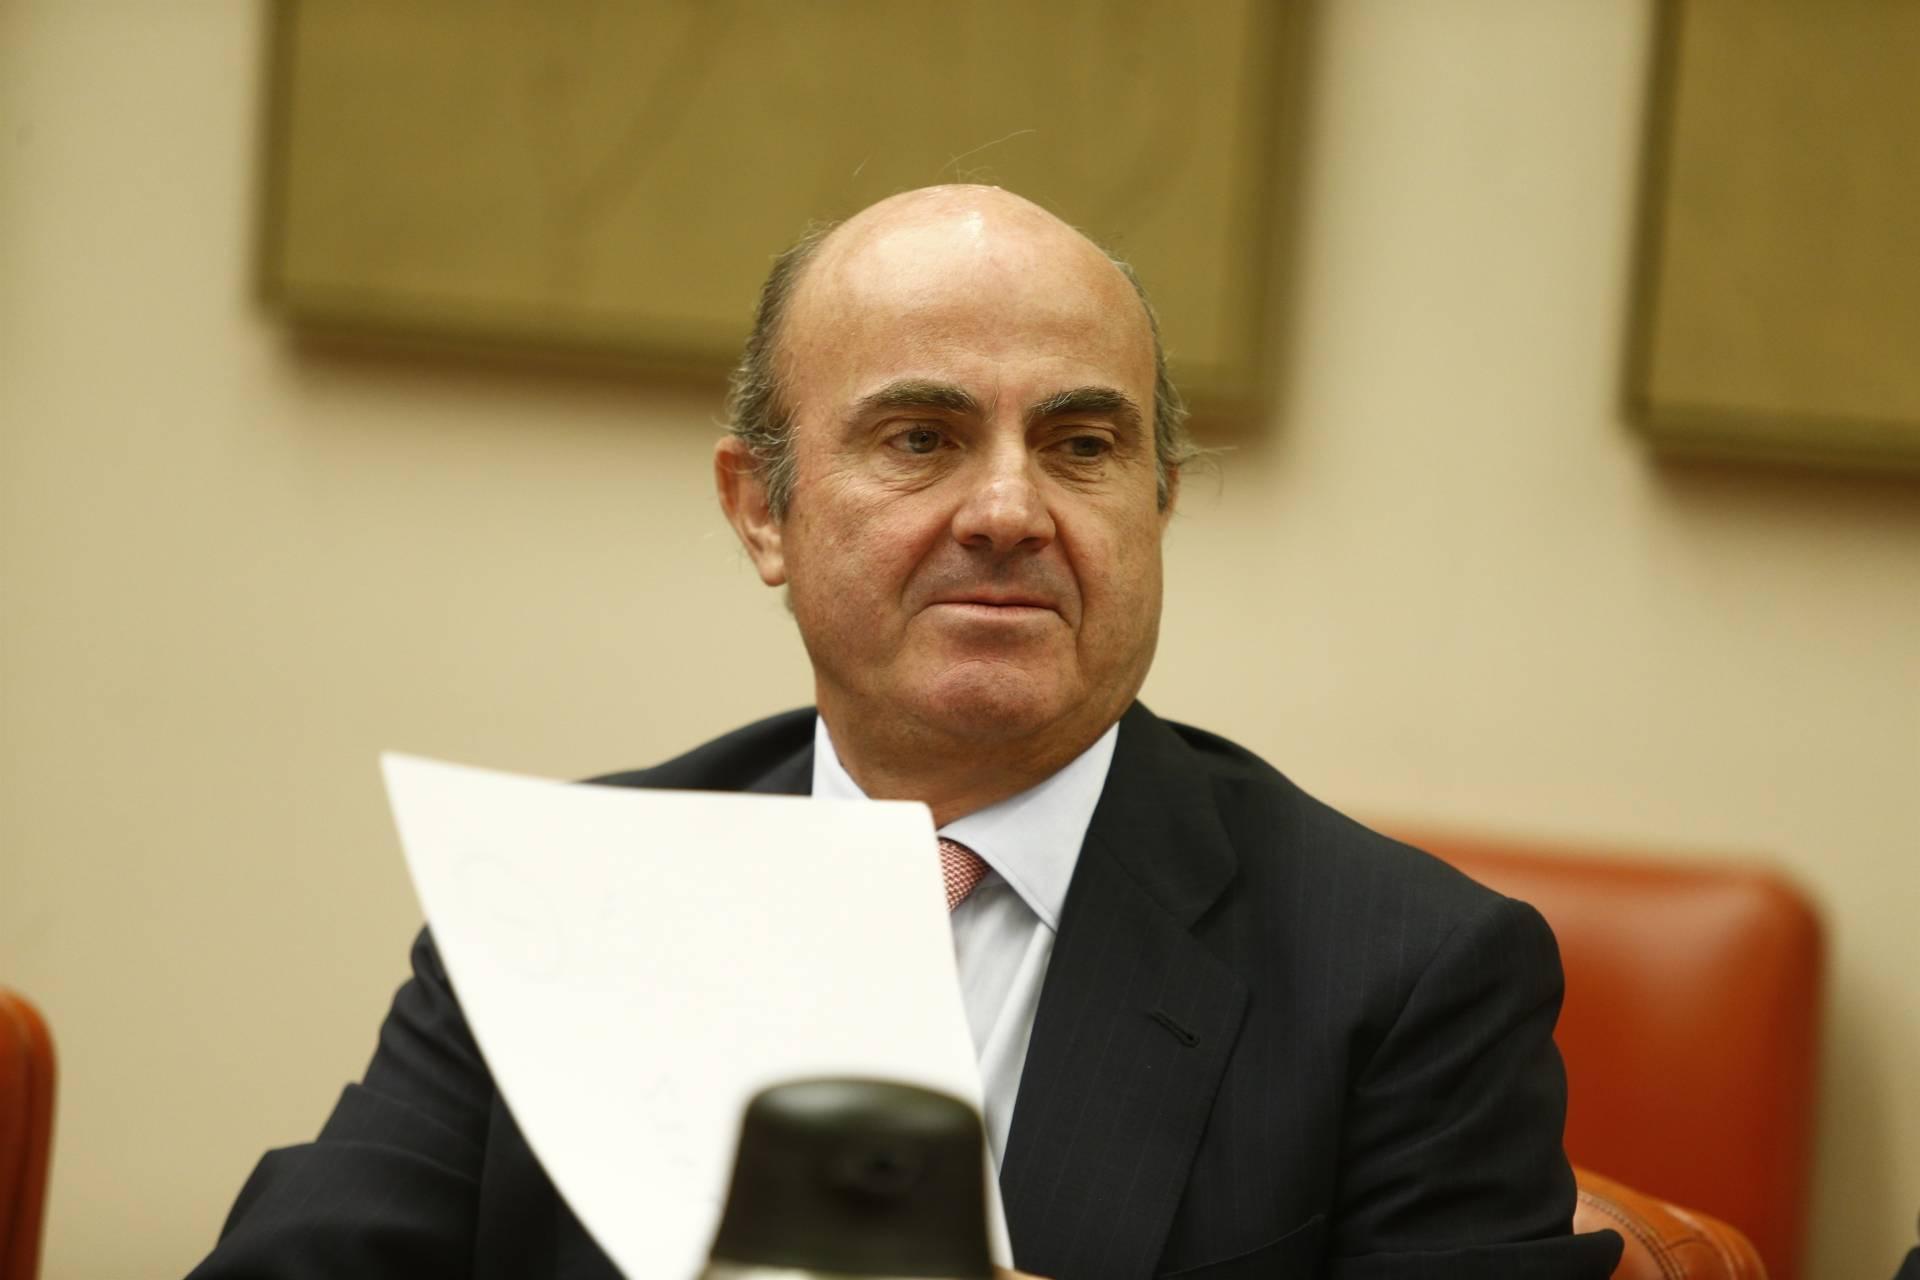 Los bancos tendr n tres meses para pactar la devoluci n de for Clausula suelo 3 meses